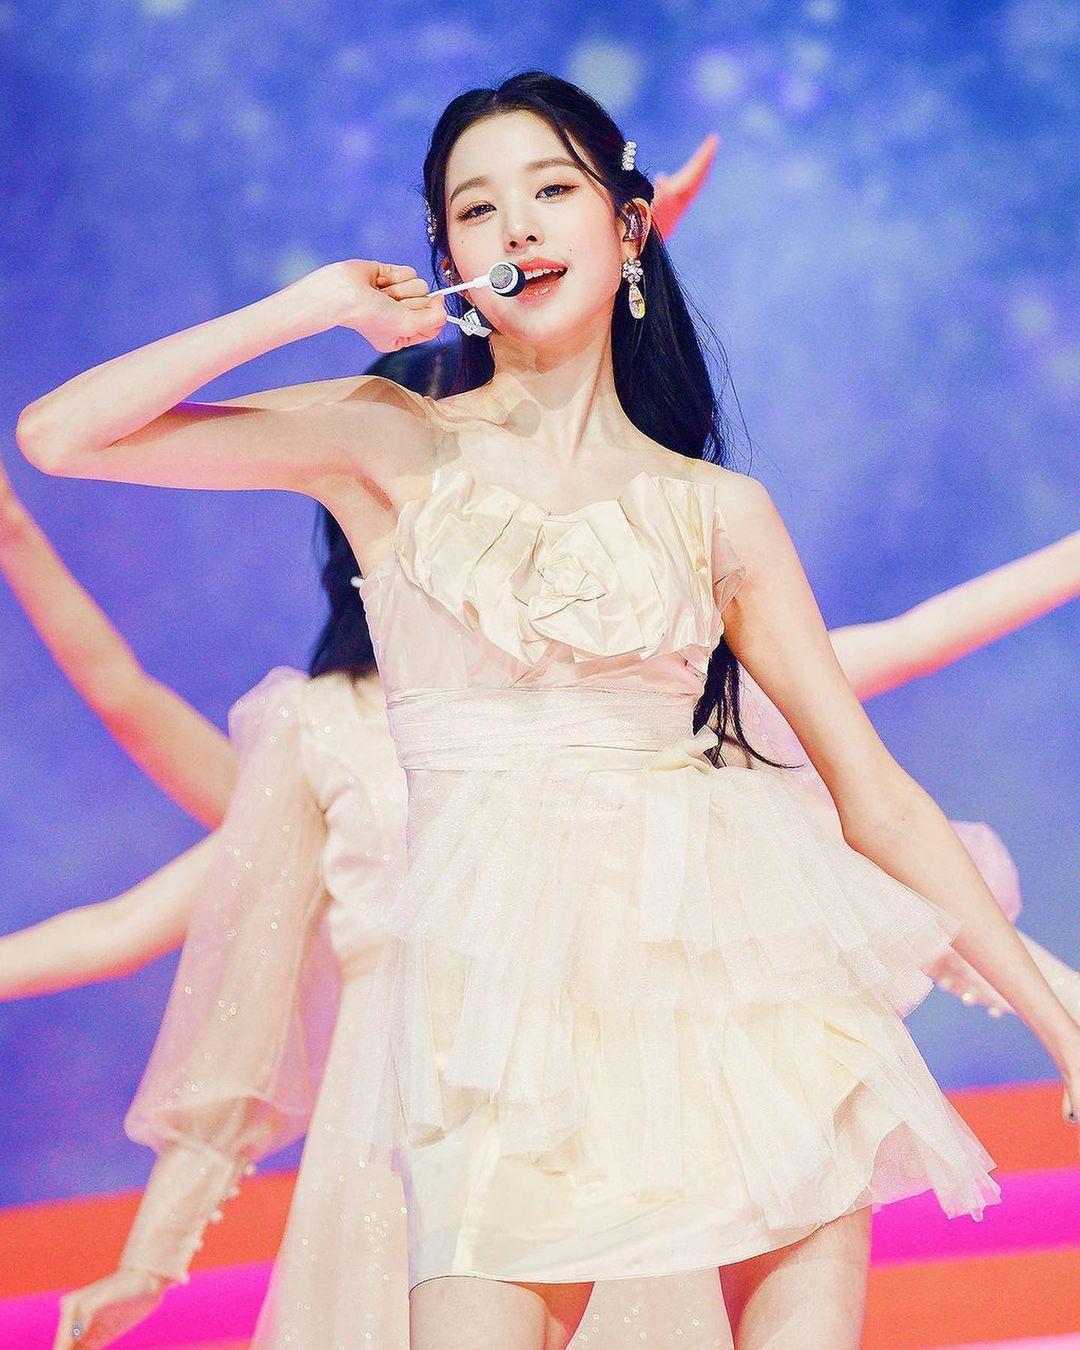 韩国记者评选最美女星,这3位偶像入选,她们真人比照片更美!插图4